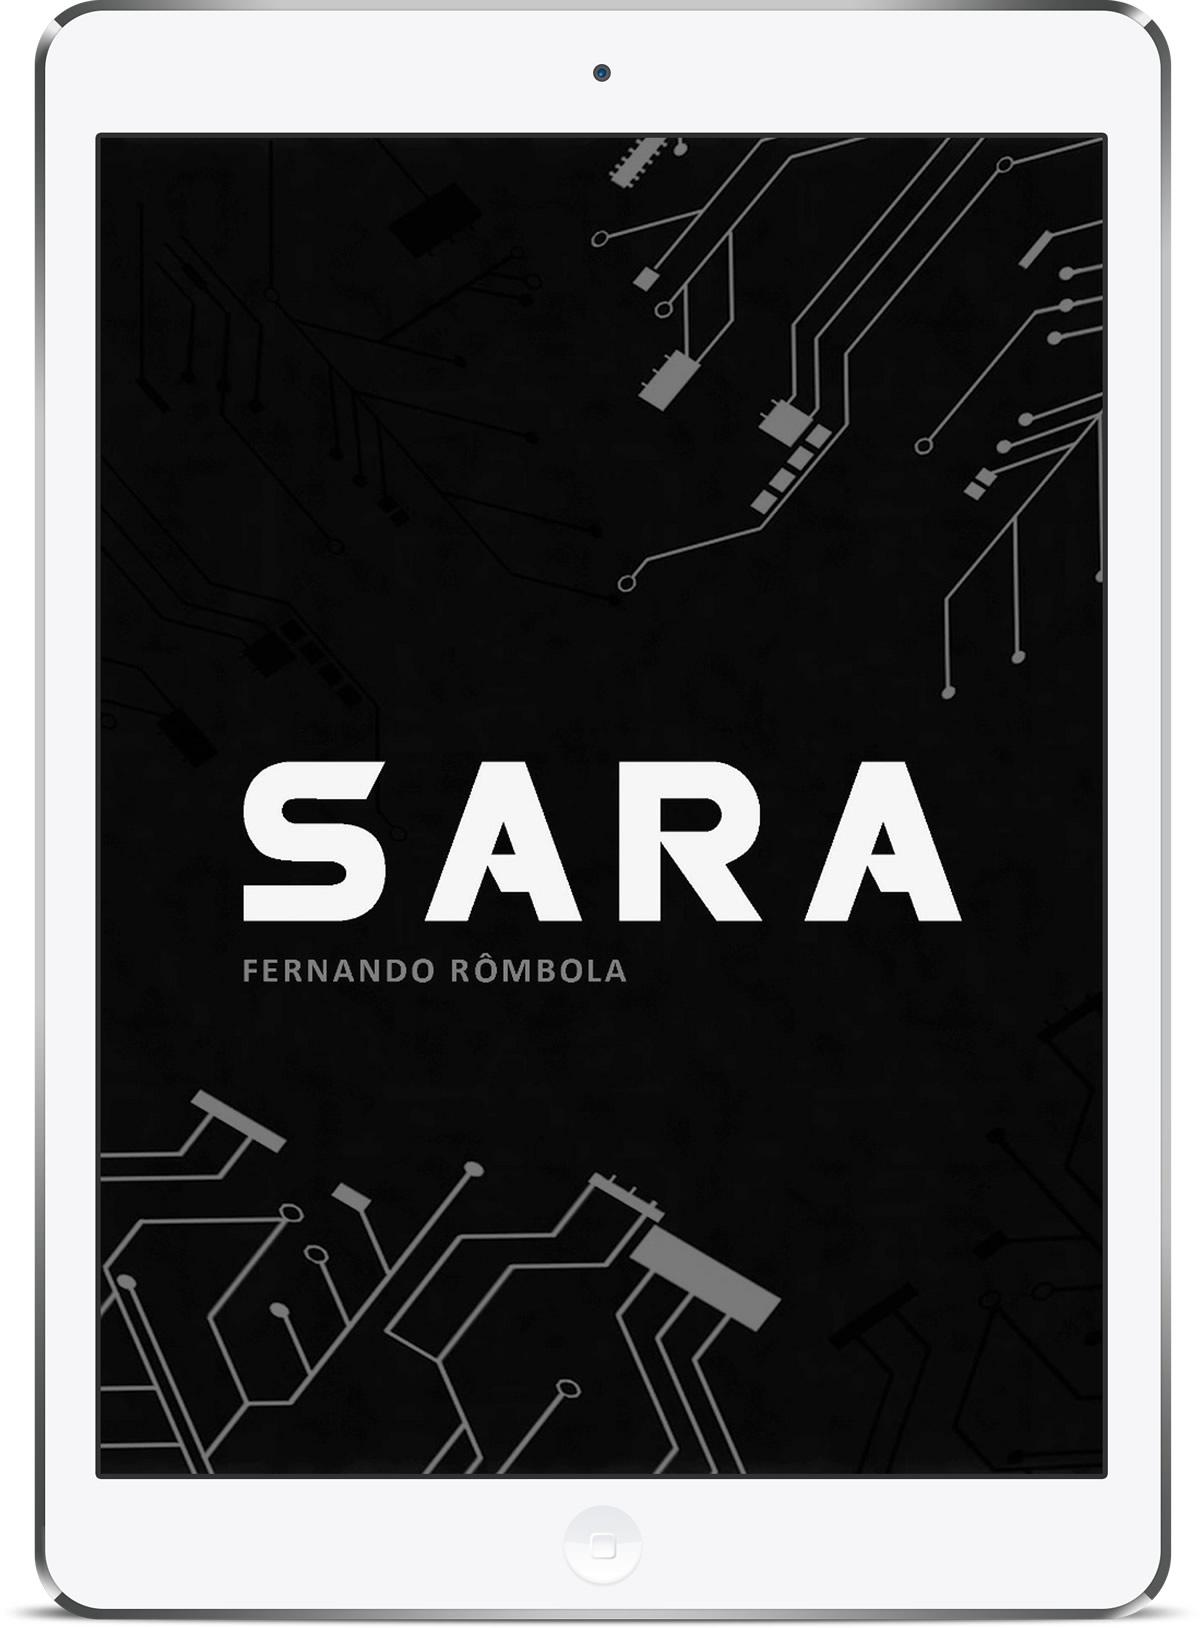 sara conto ficcao cientifica transhumanista de fernando rombola 1 - SARA | Livro de ficção científica transumanista de Fernando Rômbola